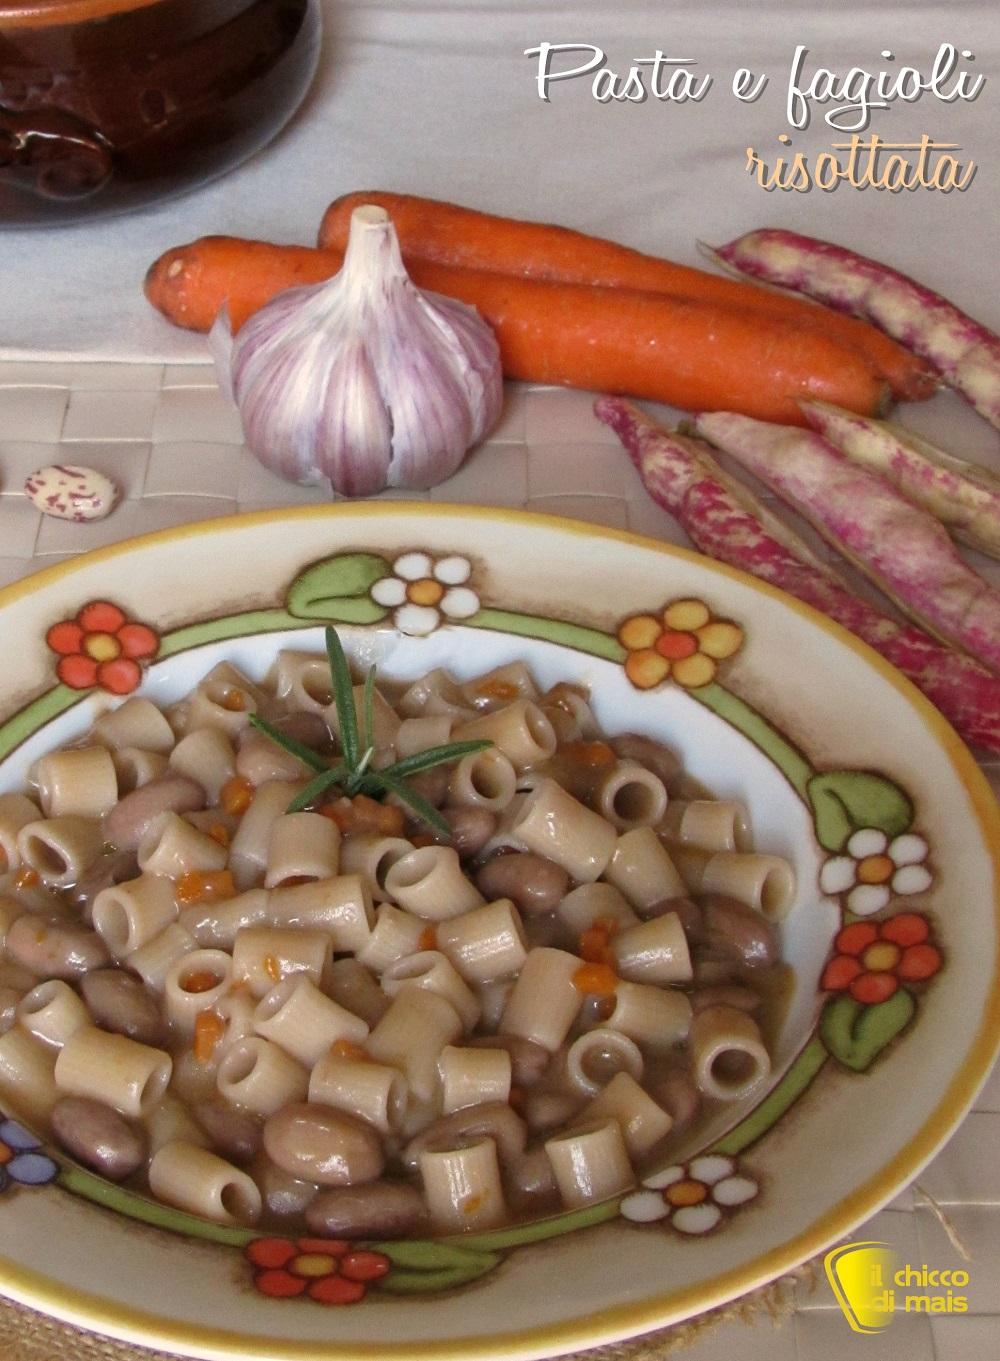 verticale_pasta e fagioli risottata ricetta facile pasta e fagioli cremosa senza frullare il chicco di mais